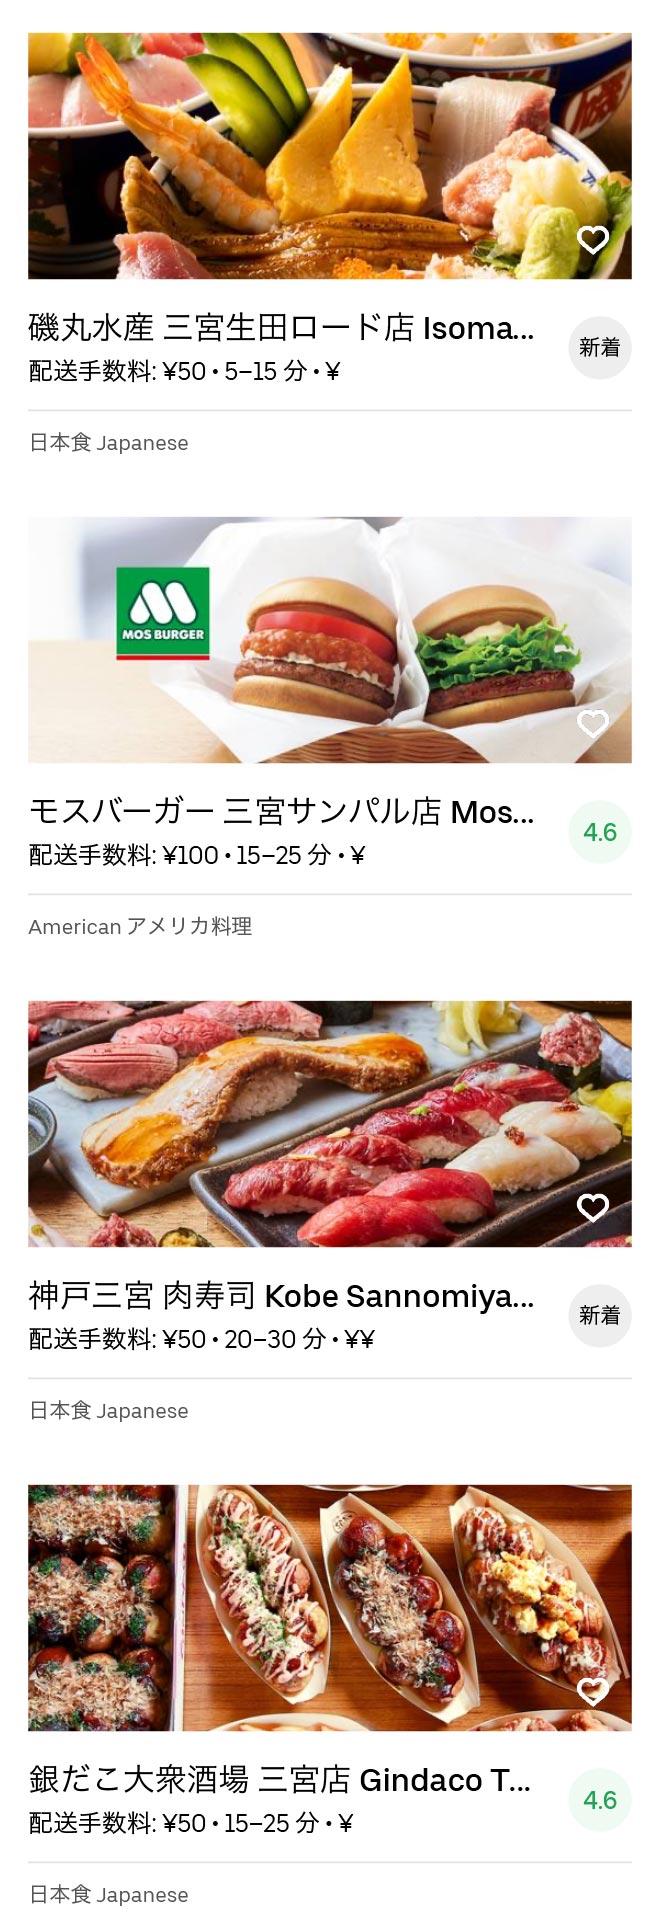 Kobe sannomiya menu 2005 02